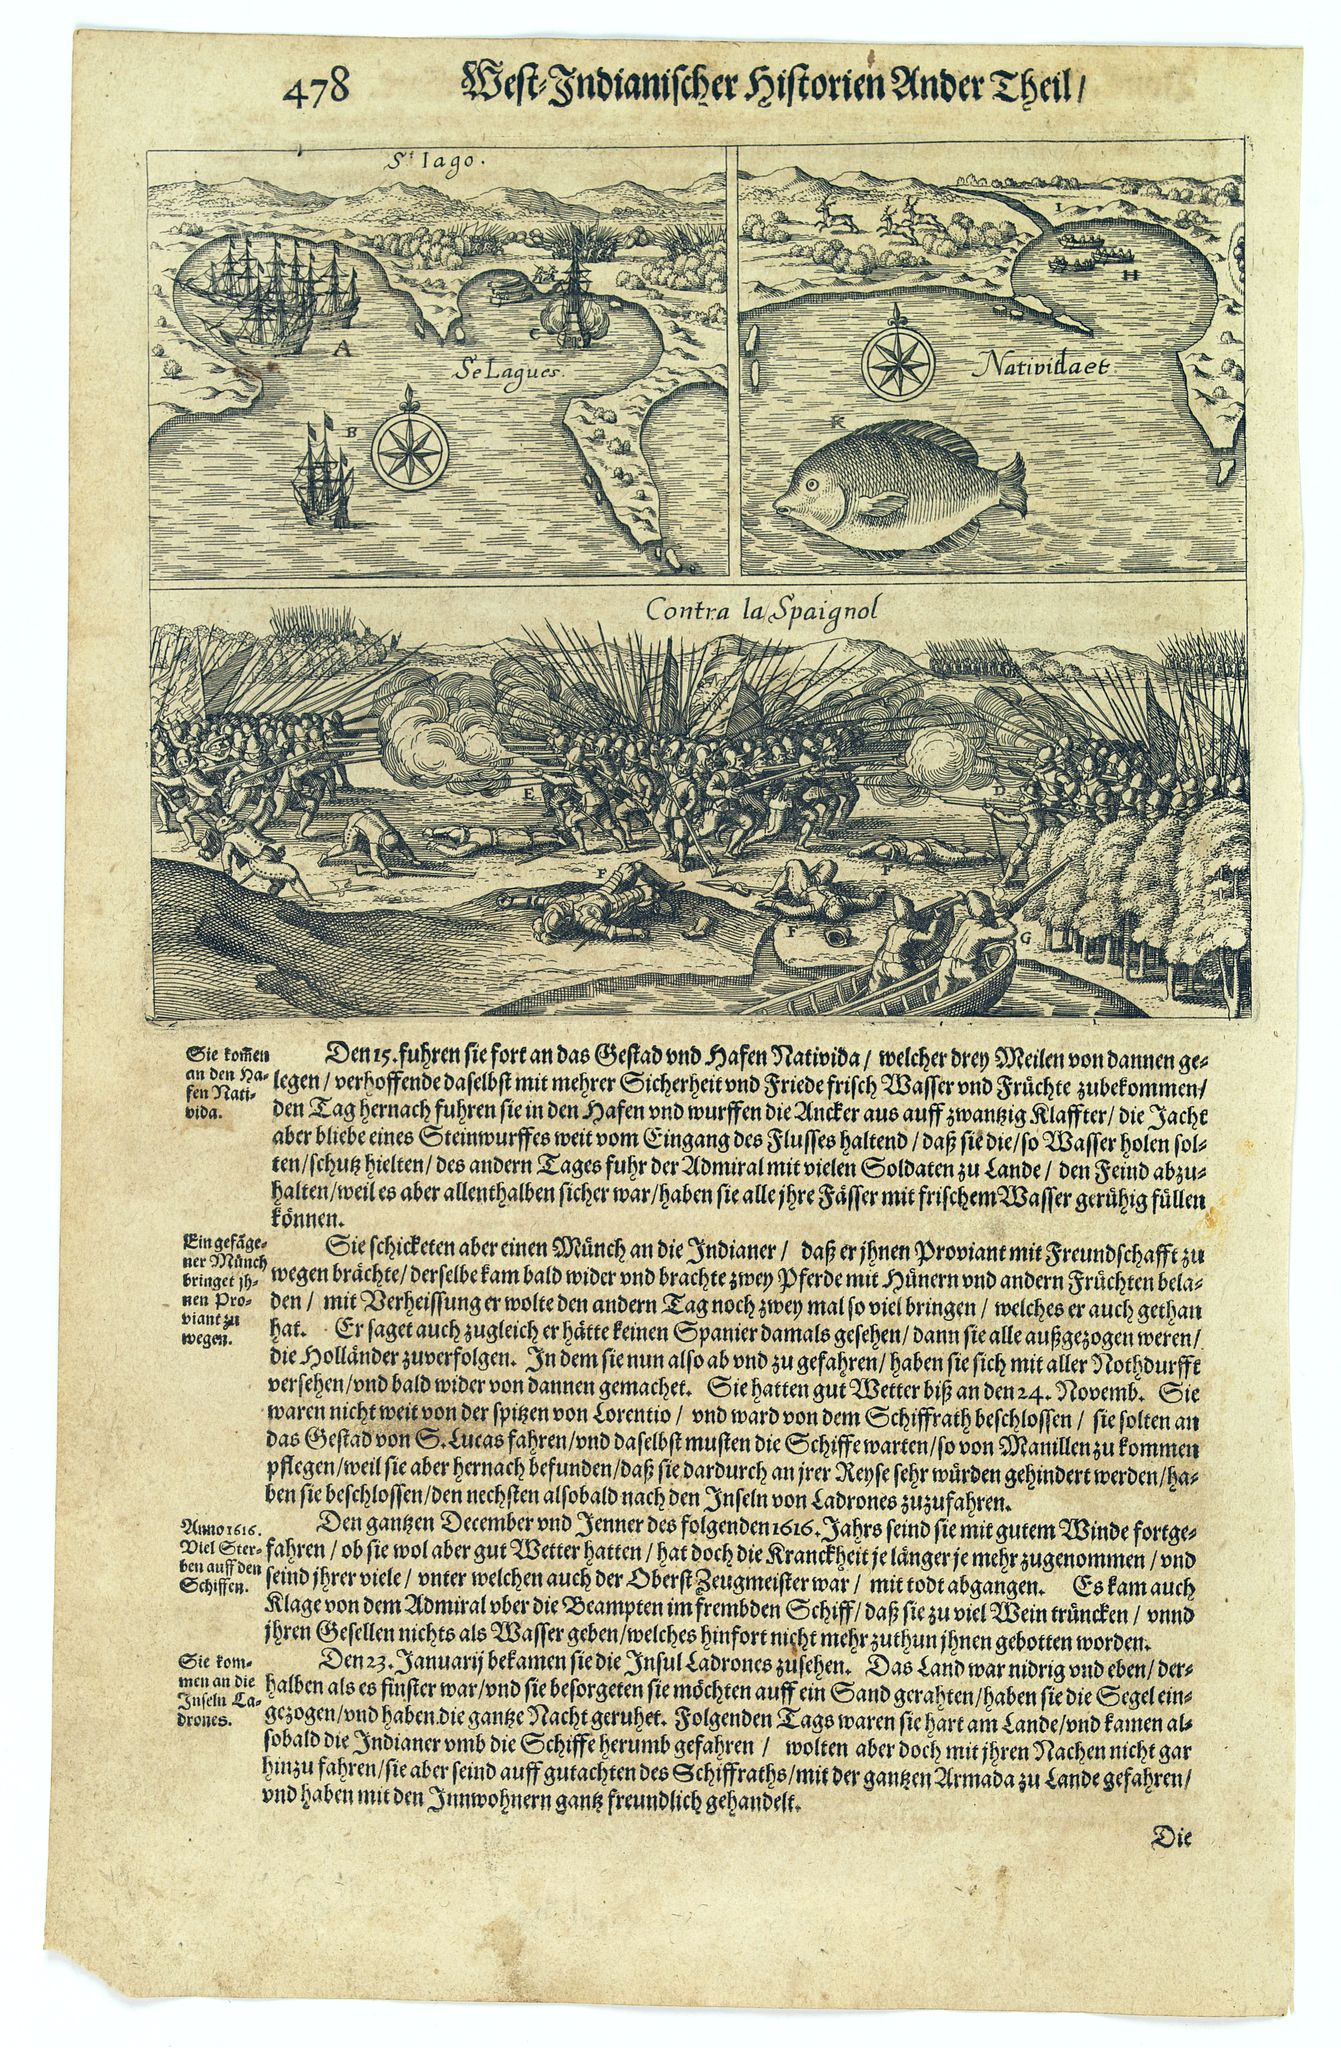 GOTTFRIED, J.L. / DE BRY. -  [Spilbergen's fleet lands near Manzanillo].